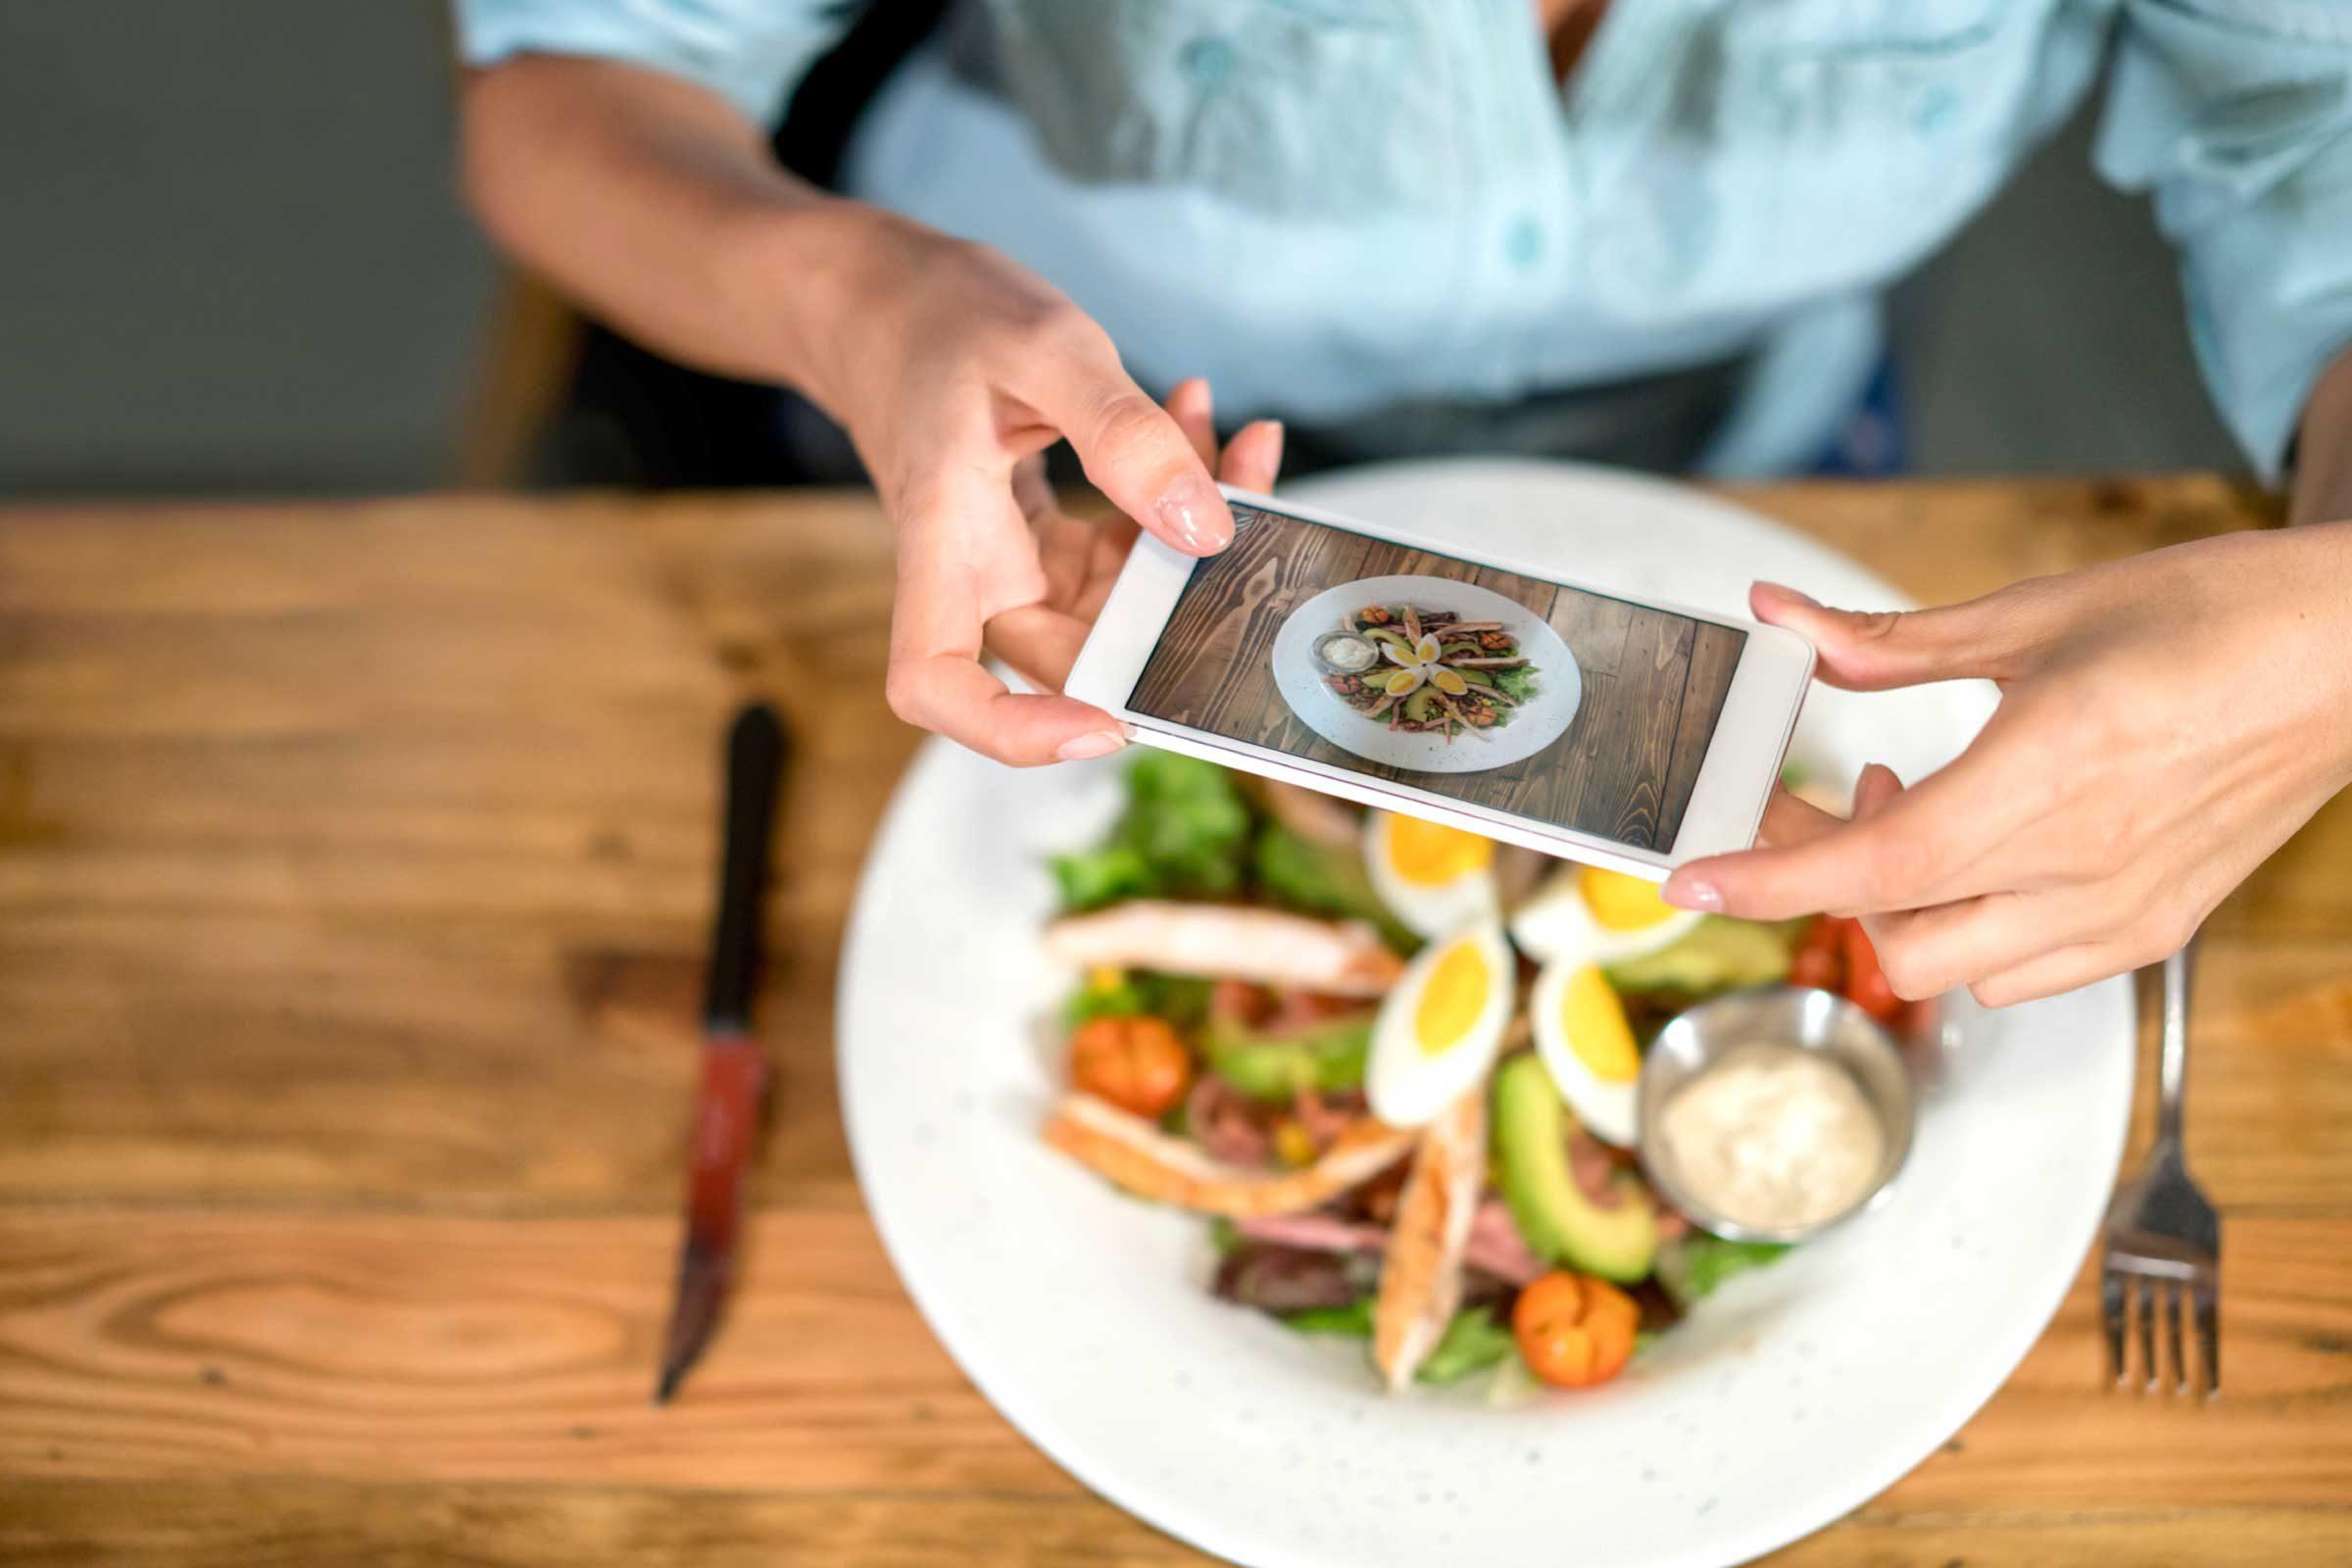 skinny people track their food